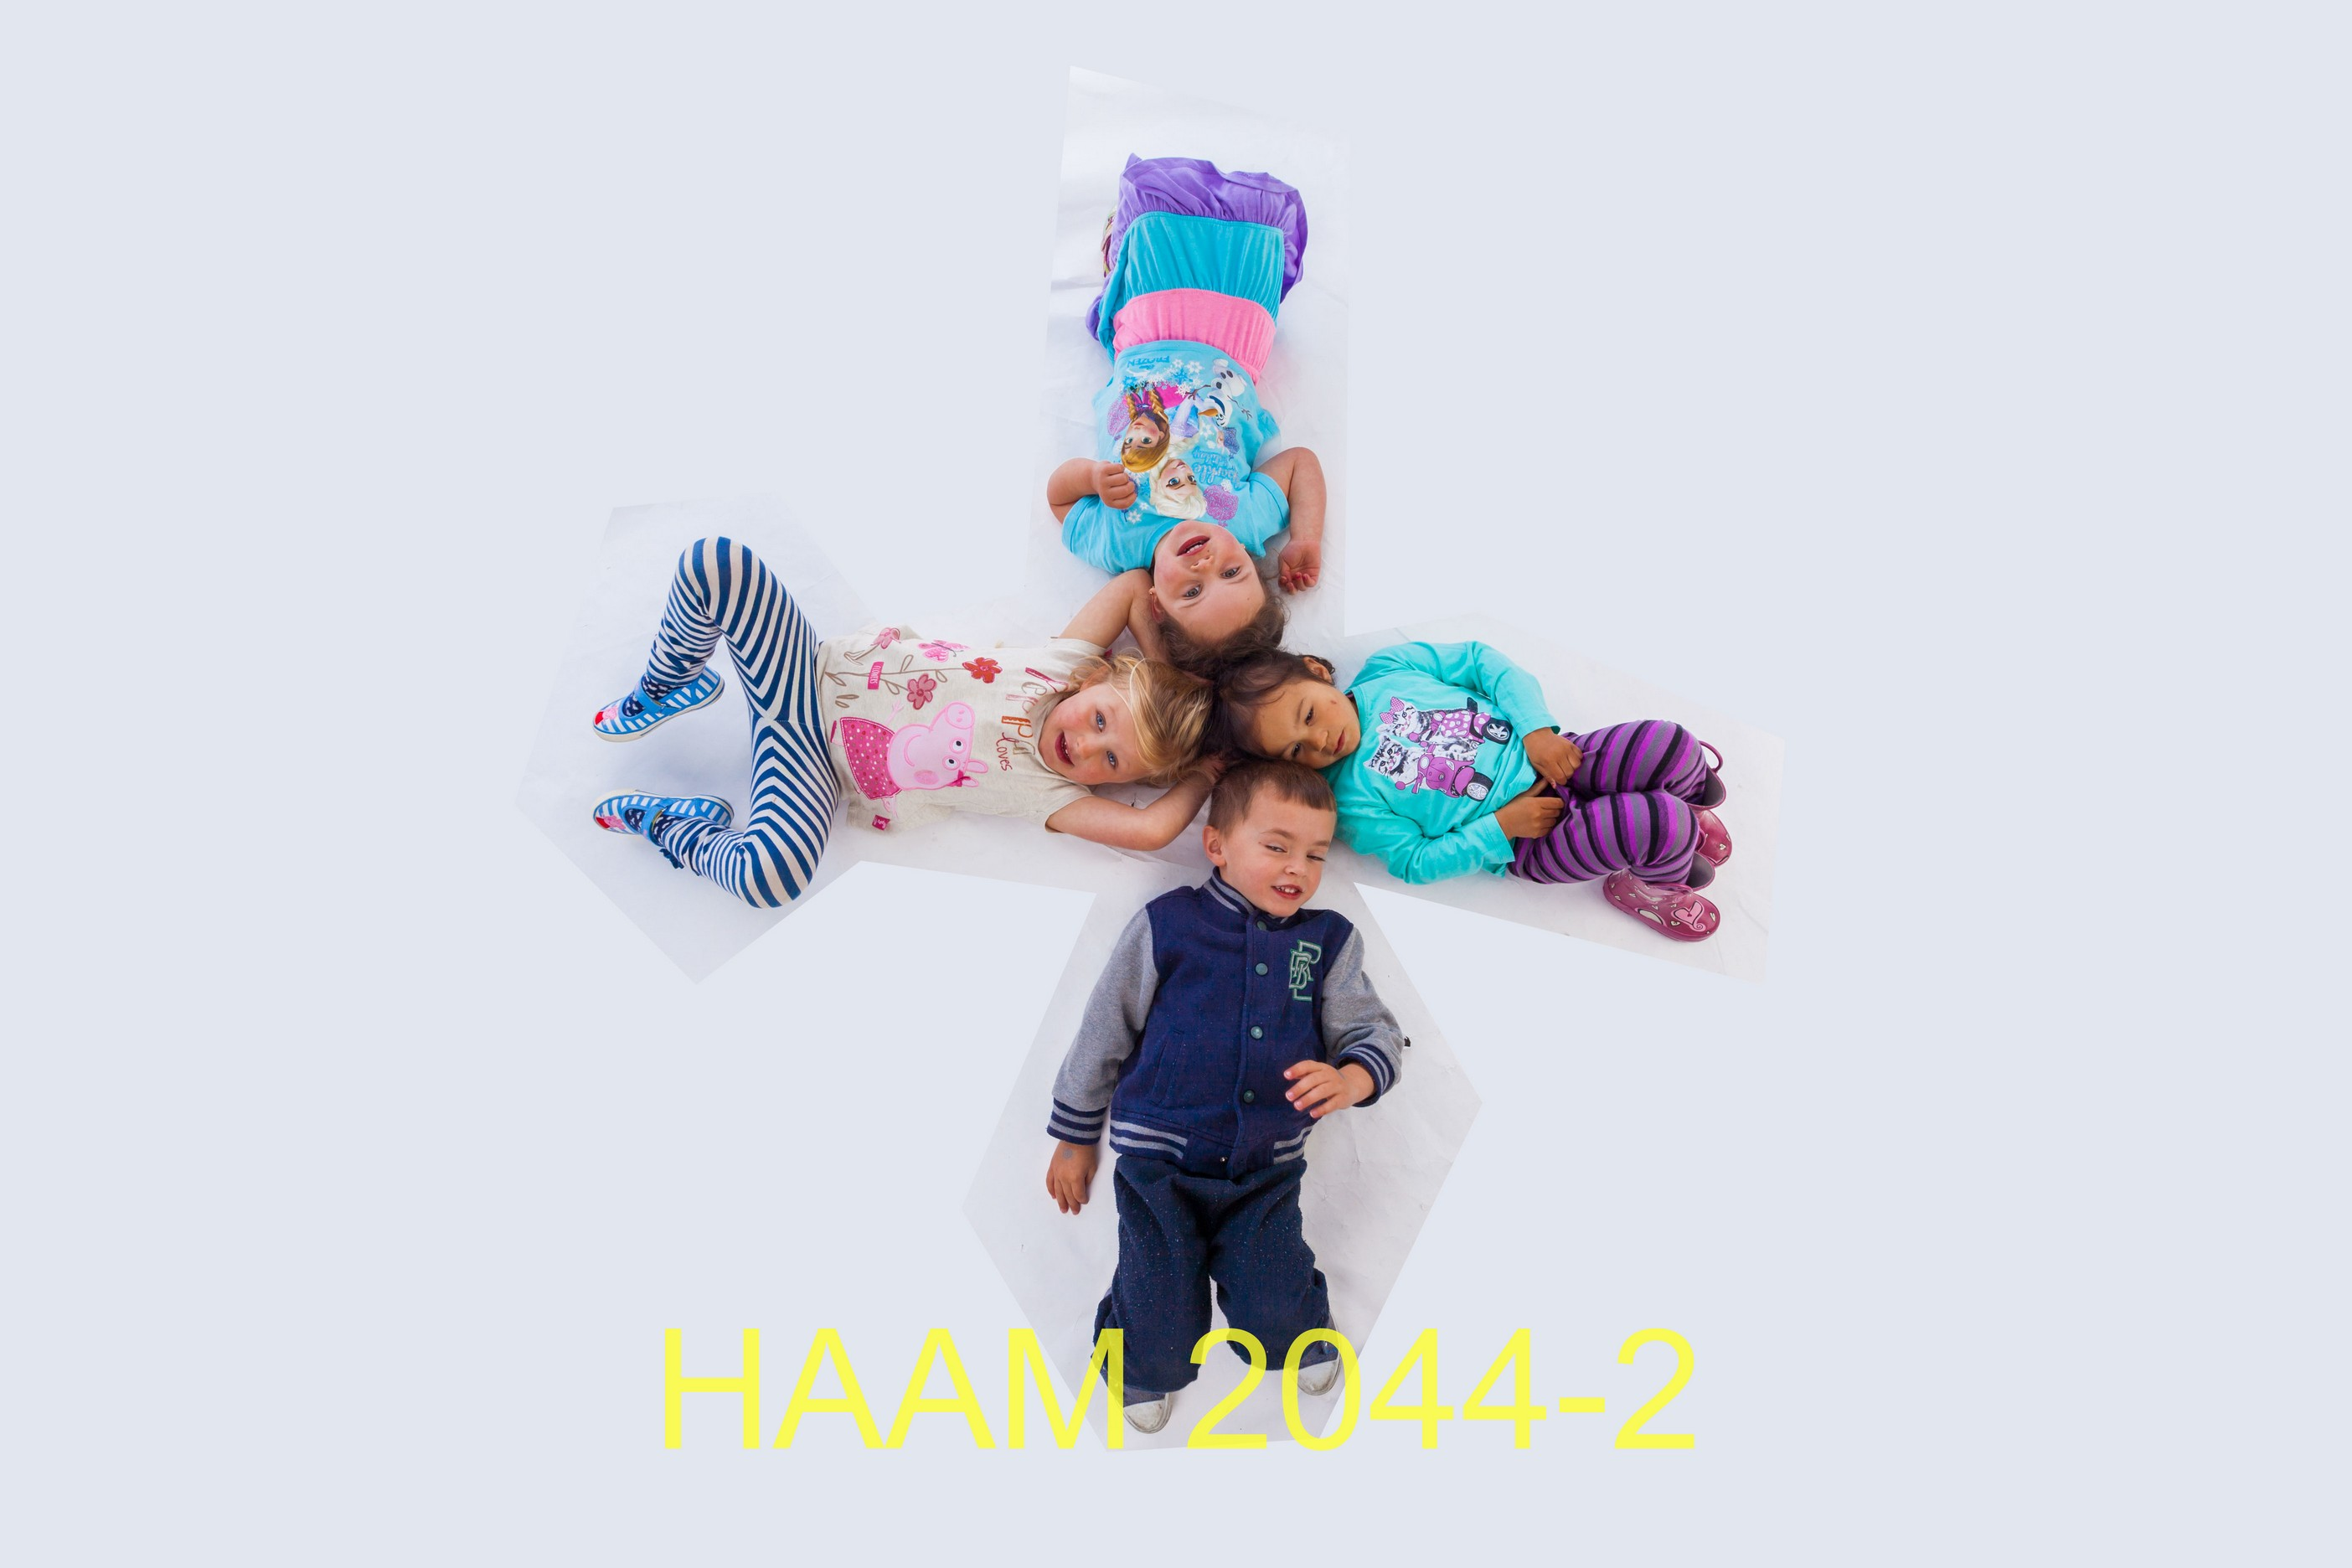 HAAM 2044-2